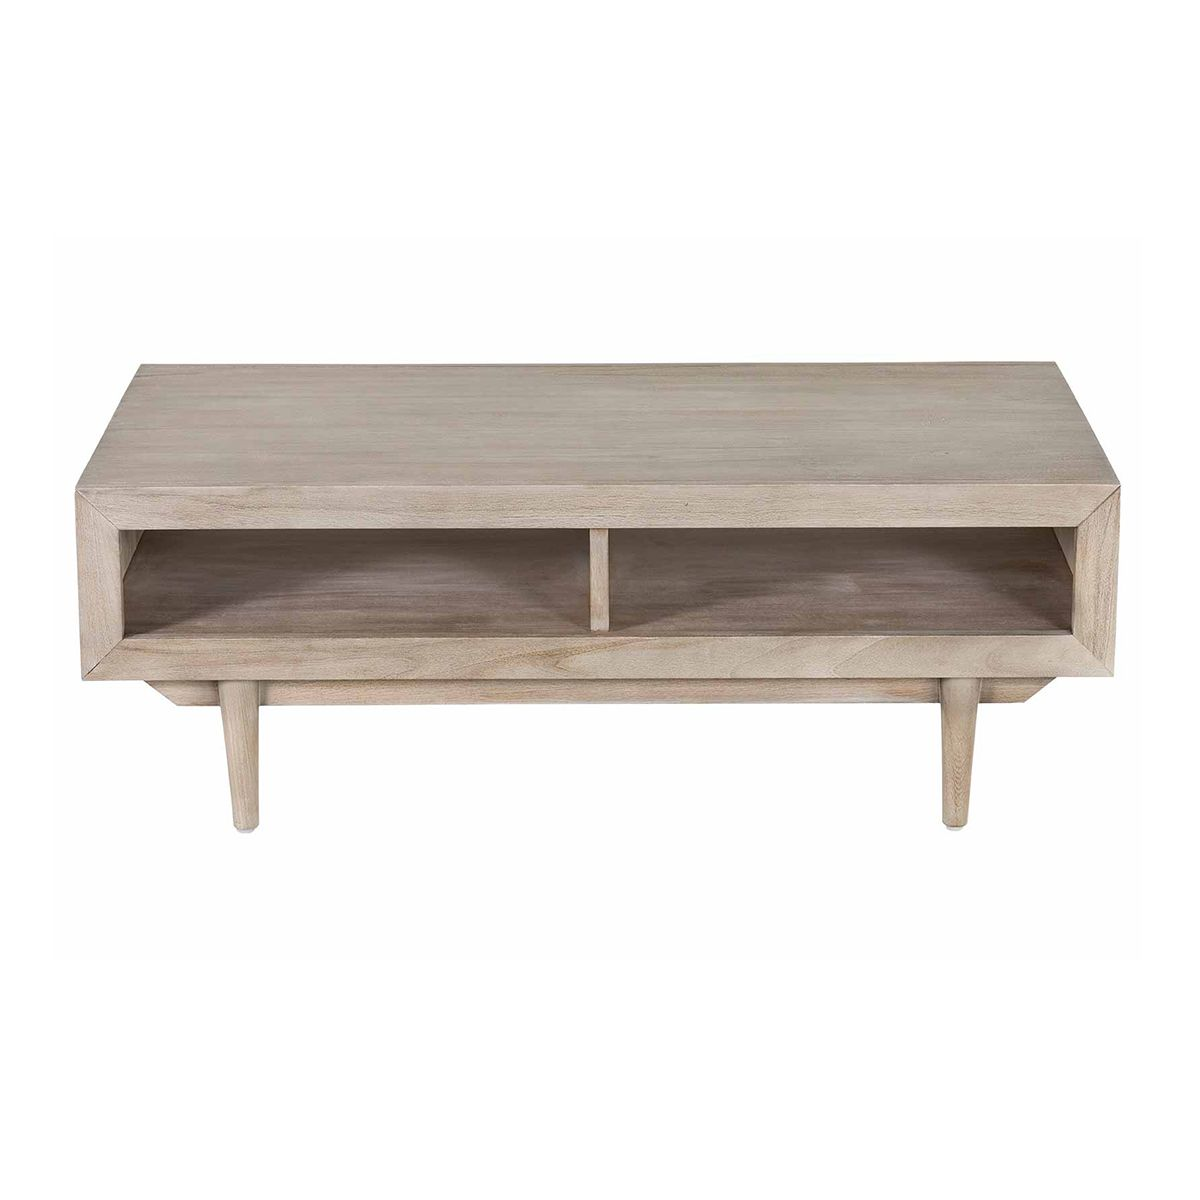 Table basse rectangulaire en teck 120 cm